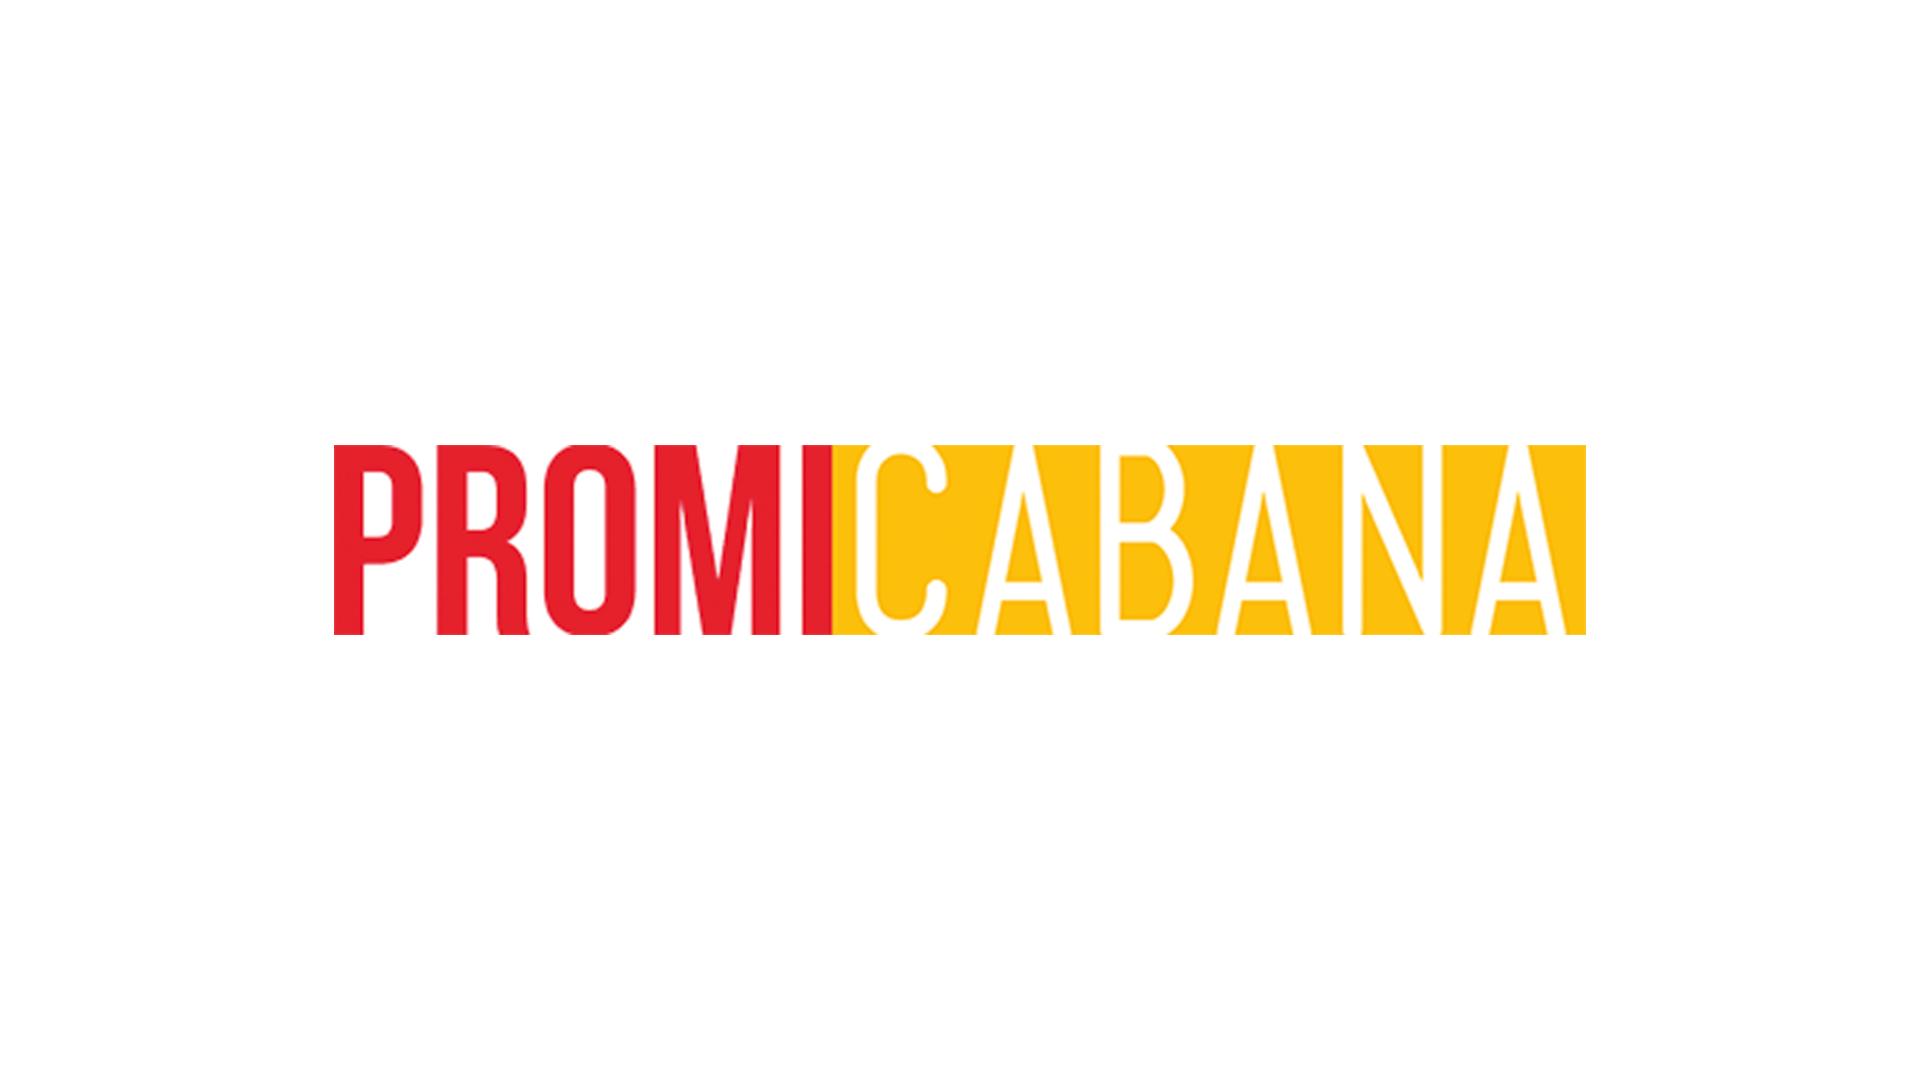 Hugh-Jackman-Wolverine-Logan-Sound